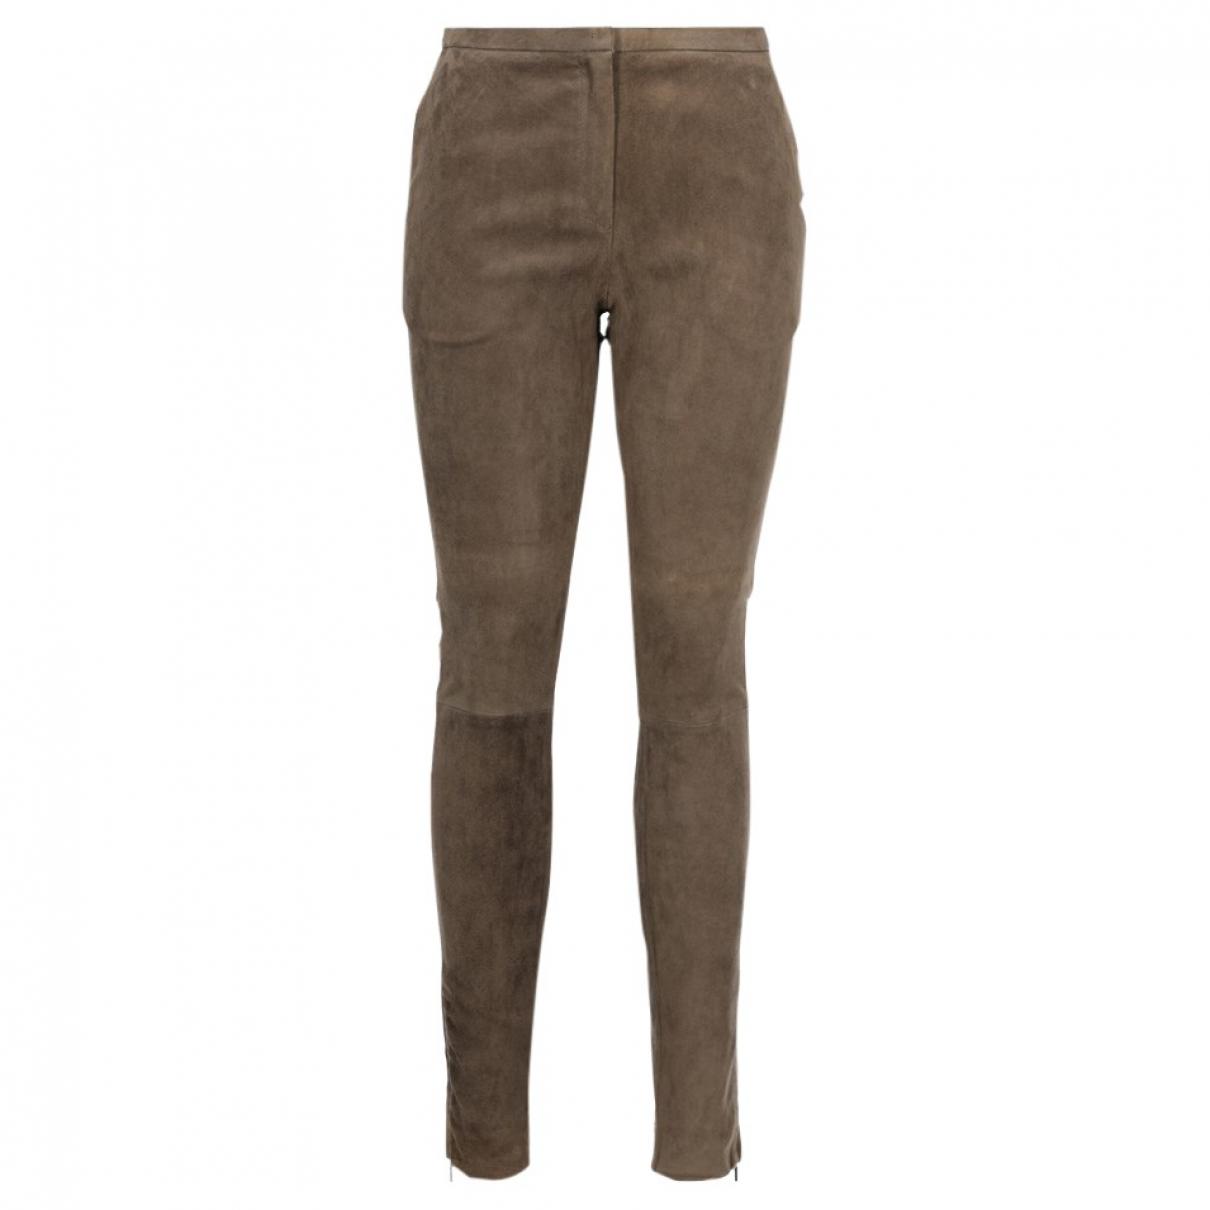 Fabiana Filippi \N Beige Leather Trousers for Women 40 IT